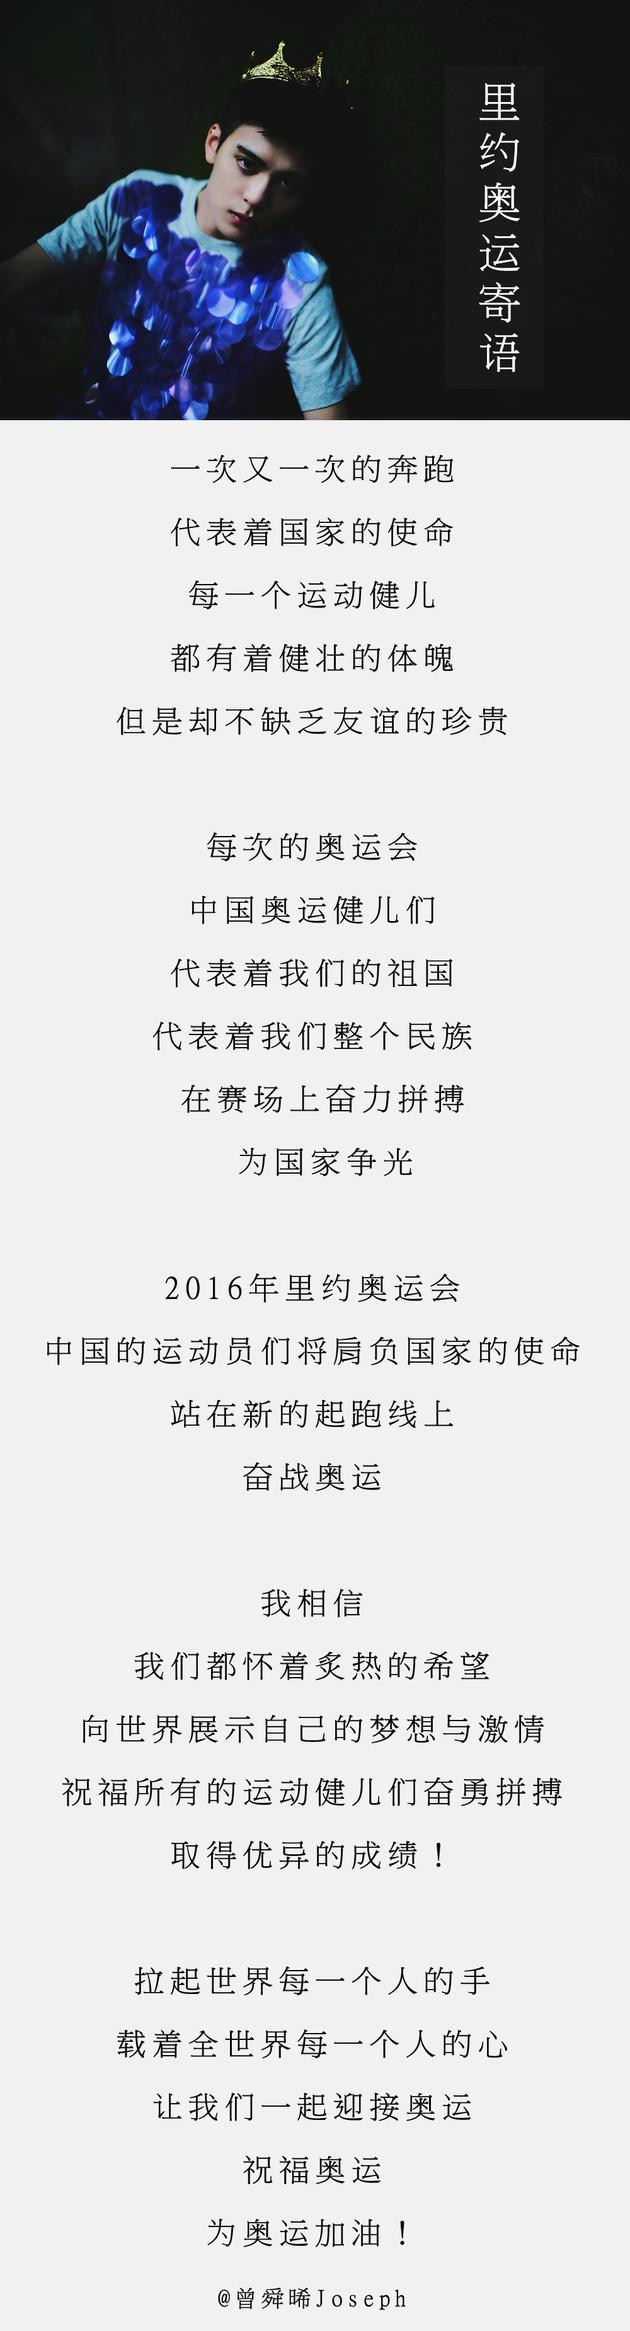 曾舜晞发布里约奥运寄语 祝福中国健儿